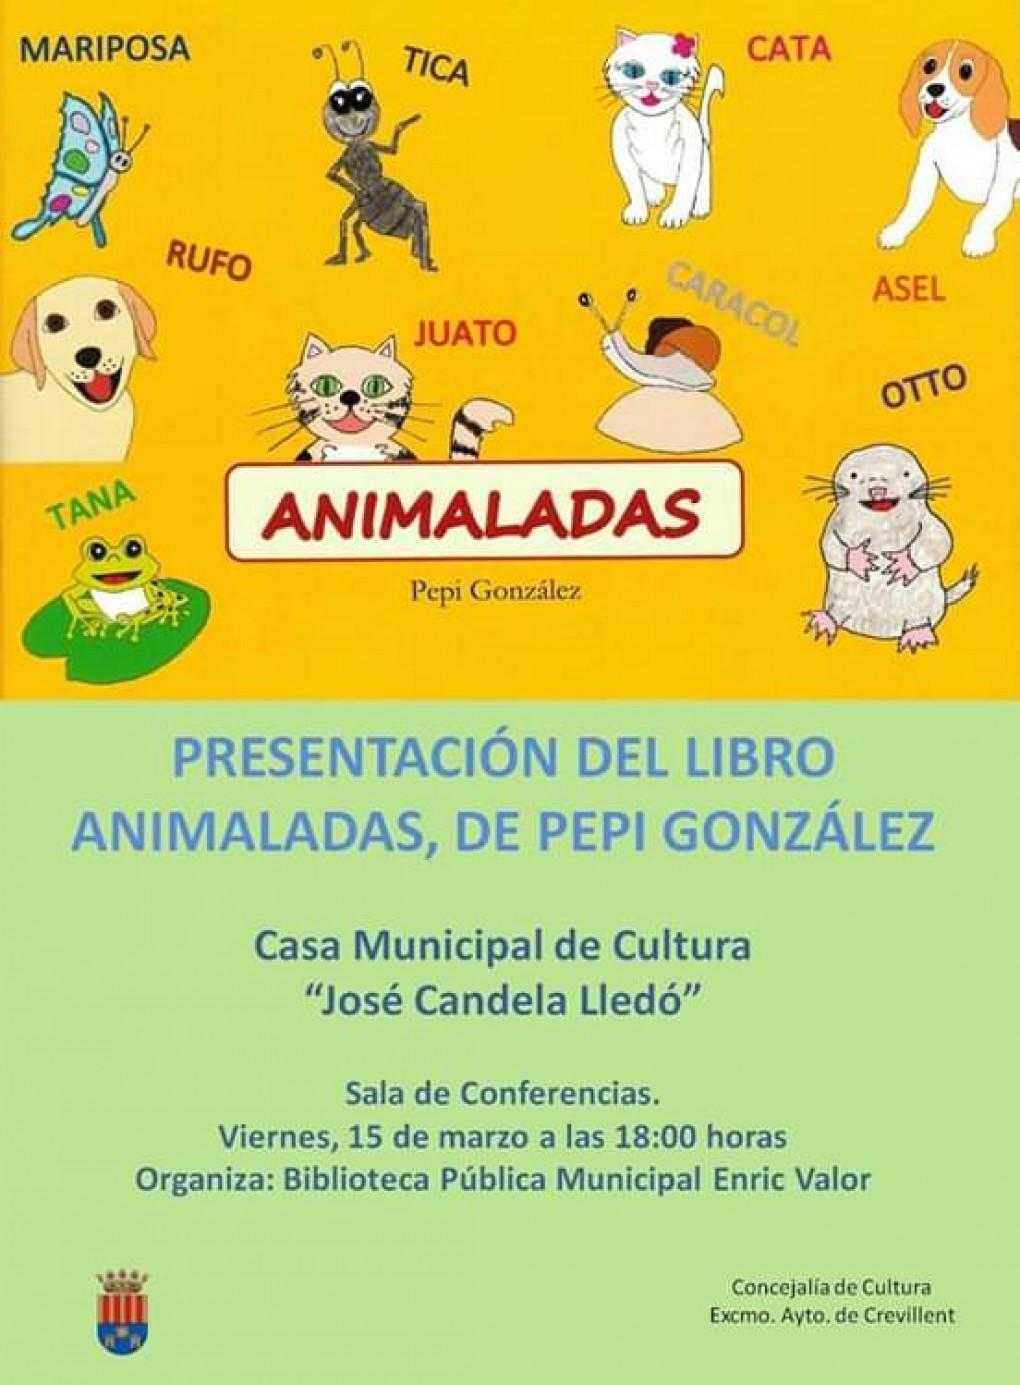 """La crevillentina Pepi González presenta mañana el libro  """"Animaladas"""" en la Casa Municipal de Cultura"""